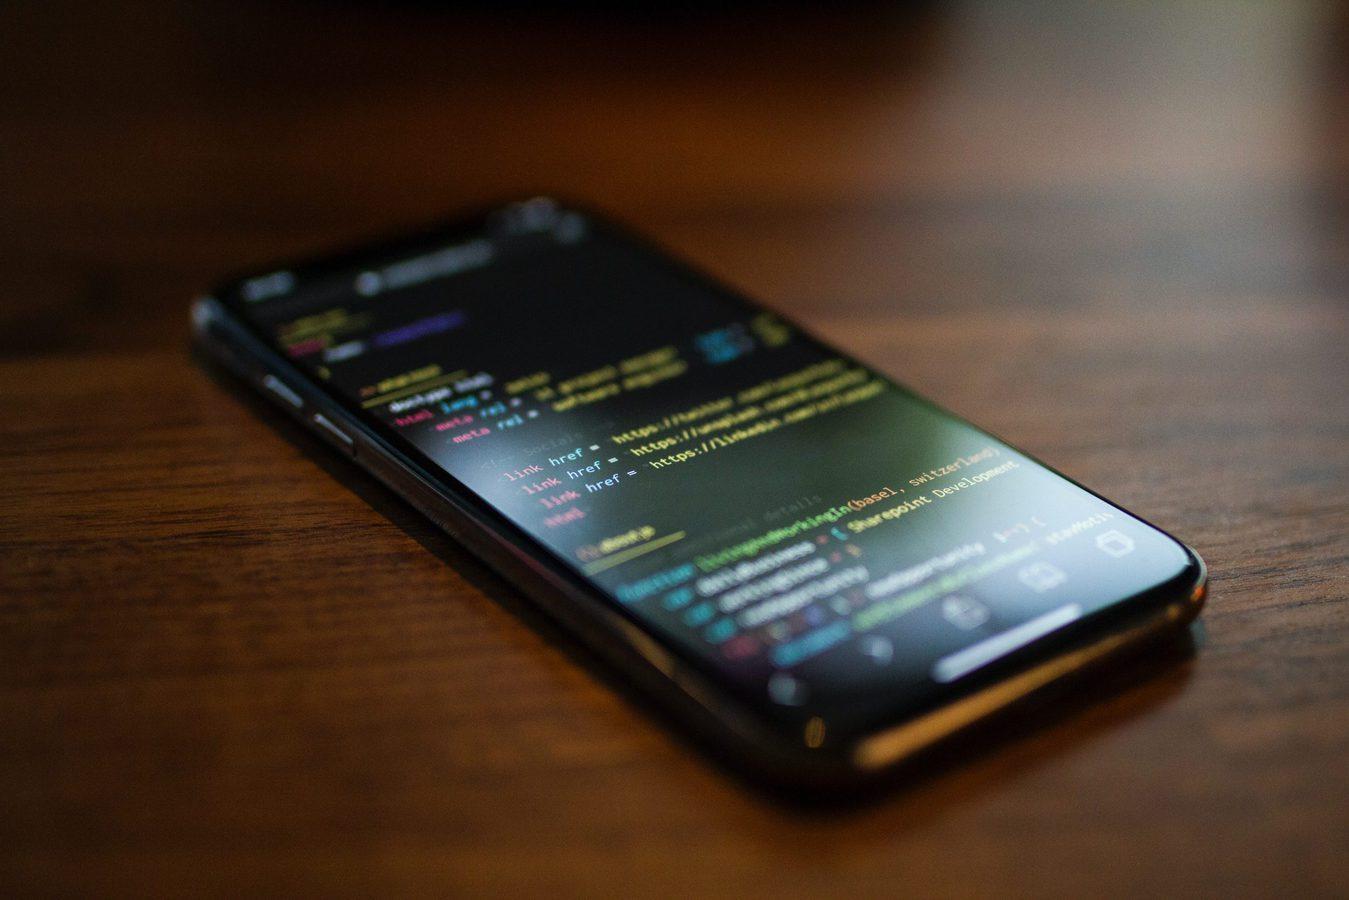 Barisan kode di smartphone